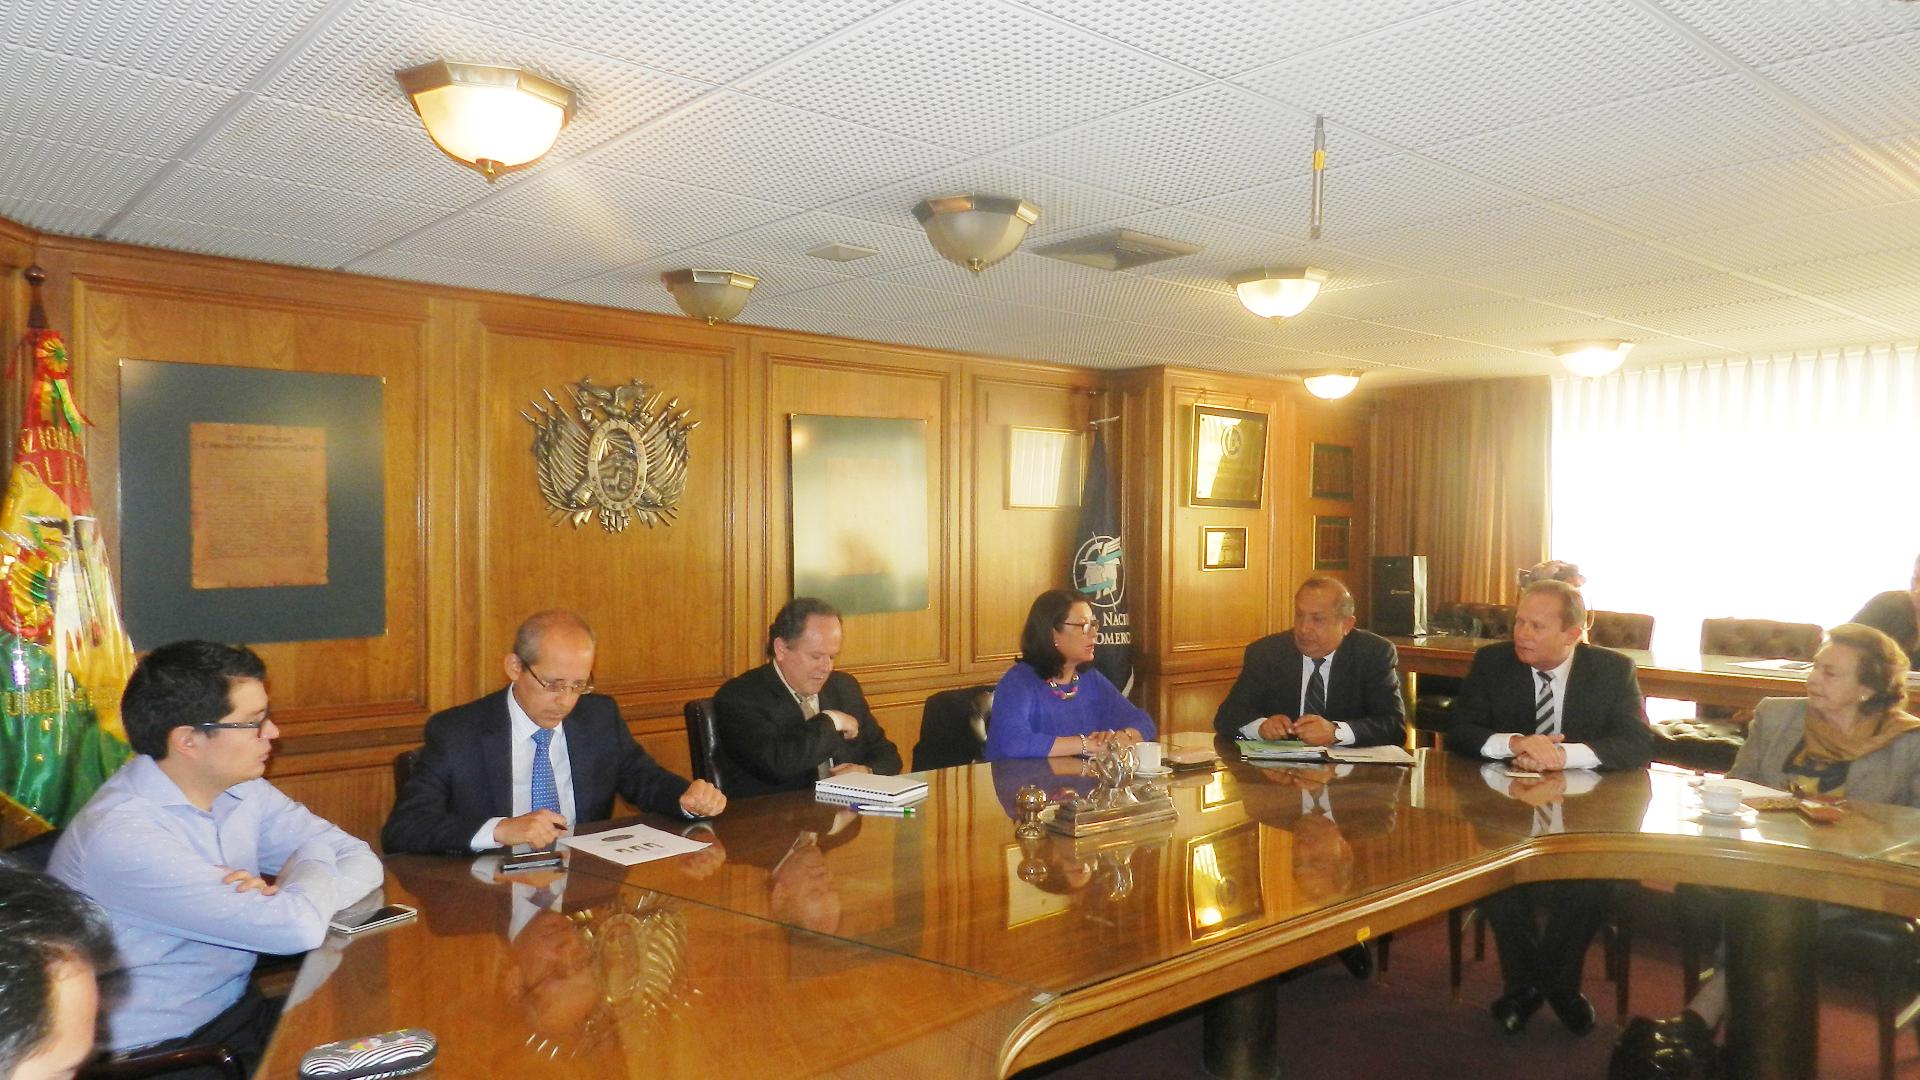 Embajada de Colombia participó en reuniones sobre oportunidades de negocio e inversión entre Colombia y Bolivia